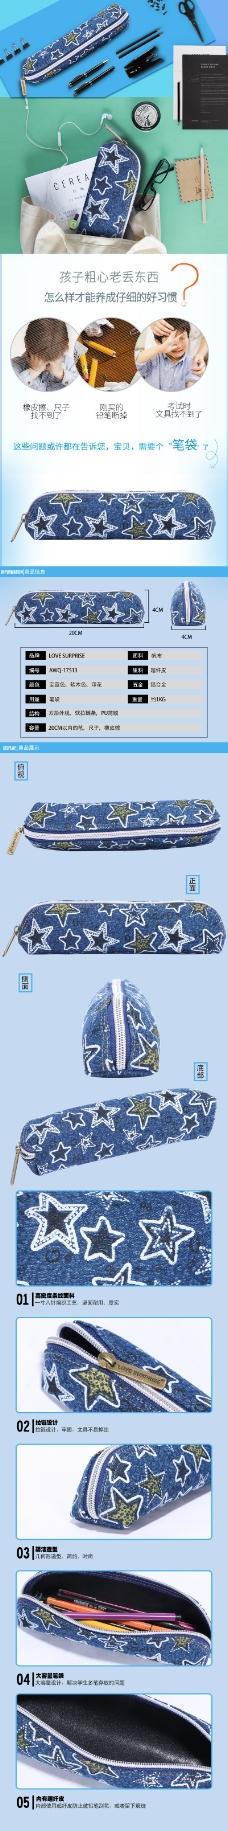 贝壳型星星笔袋